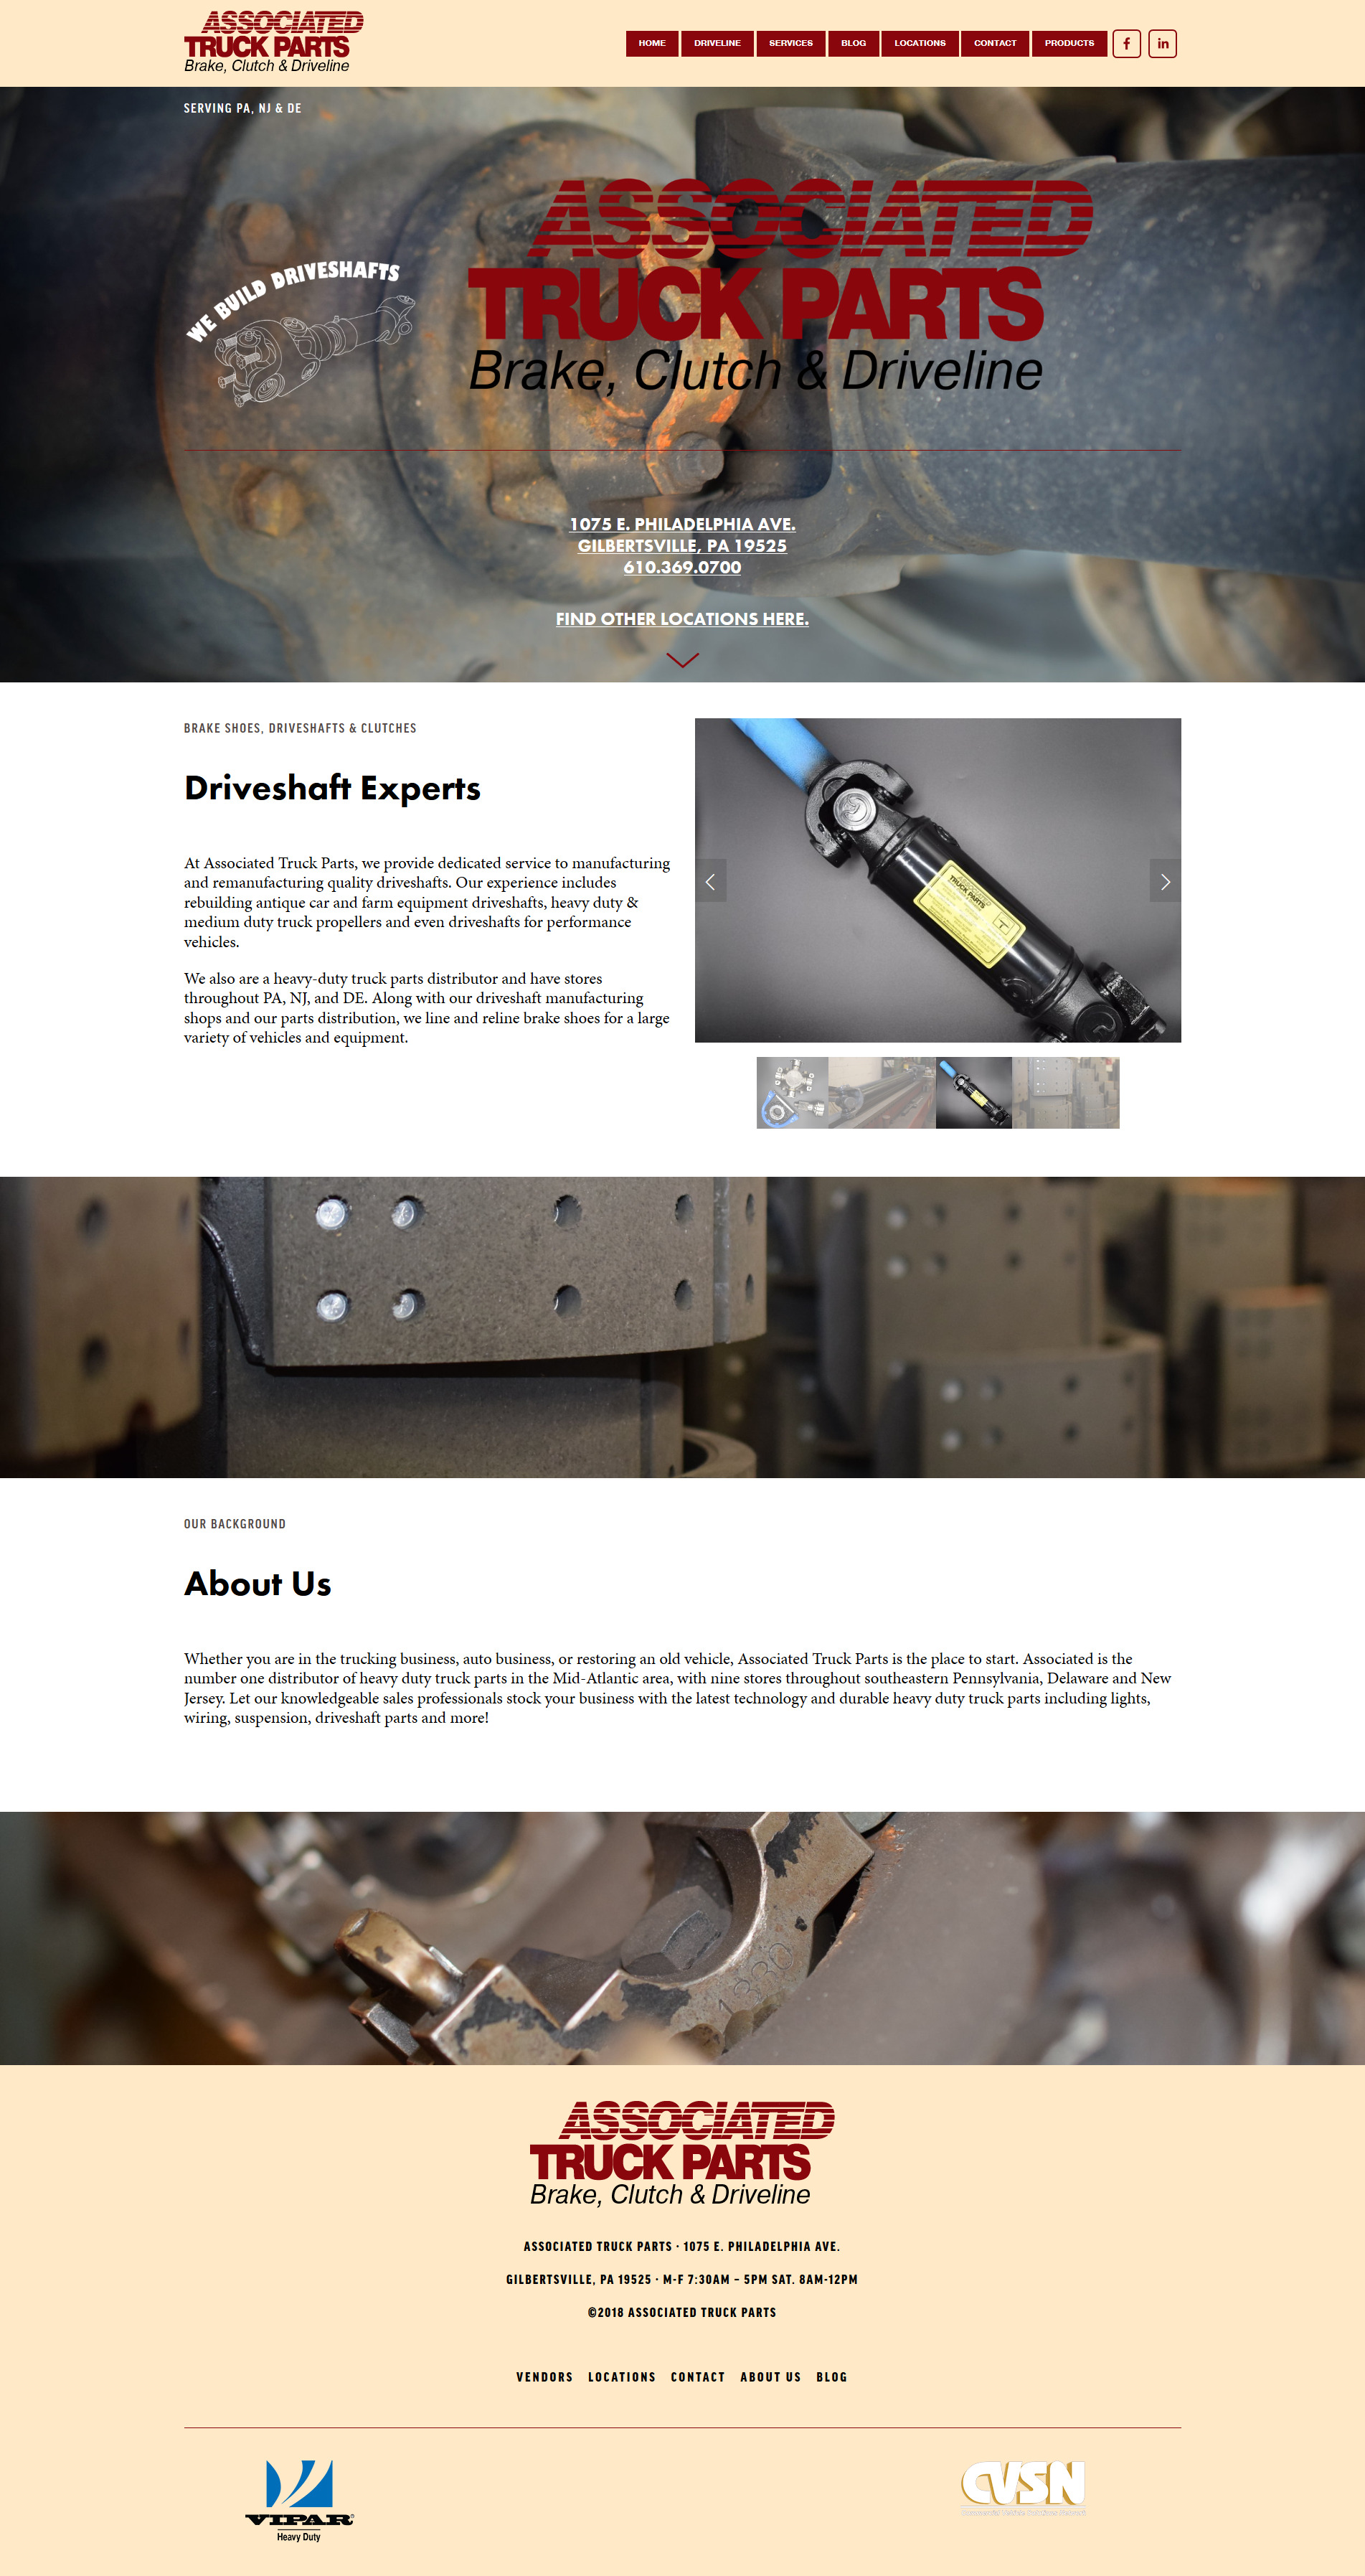 Screenshot of Associated Truck Parts' website